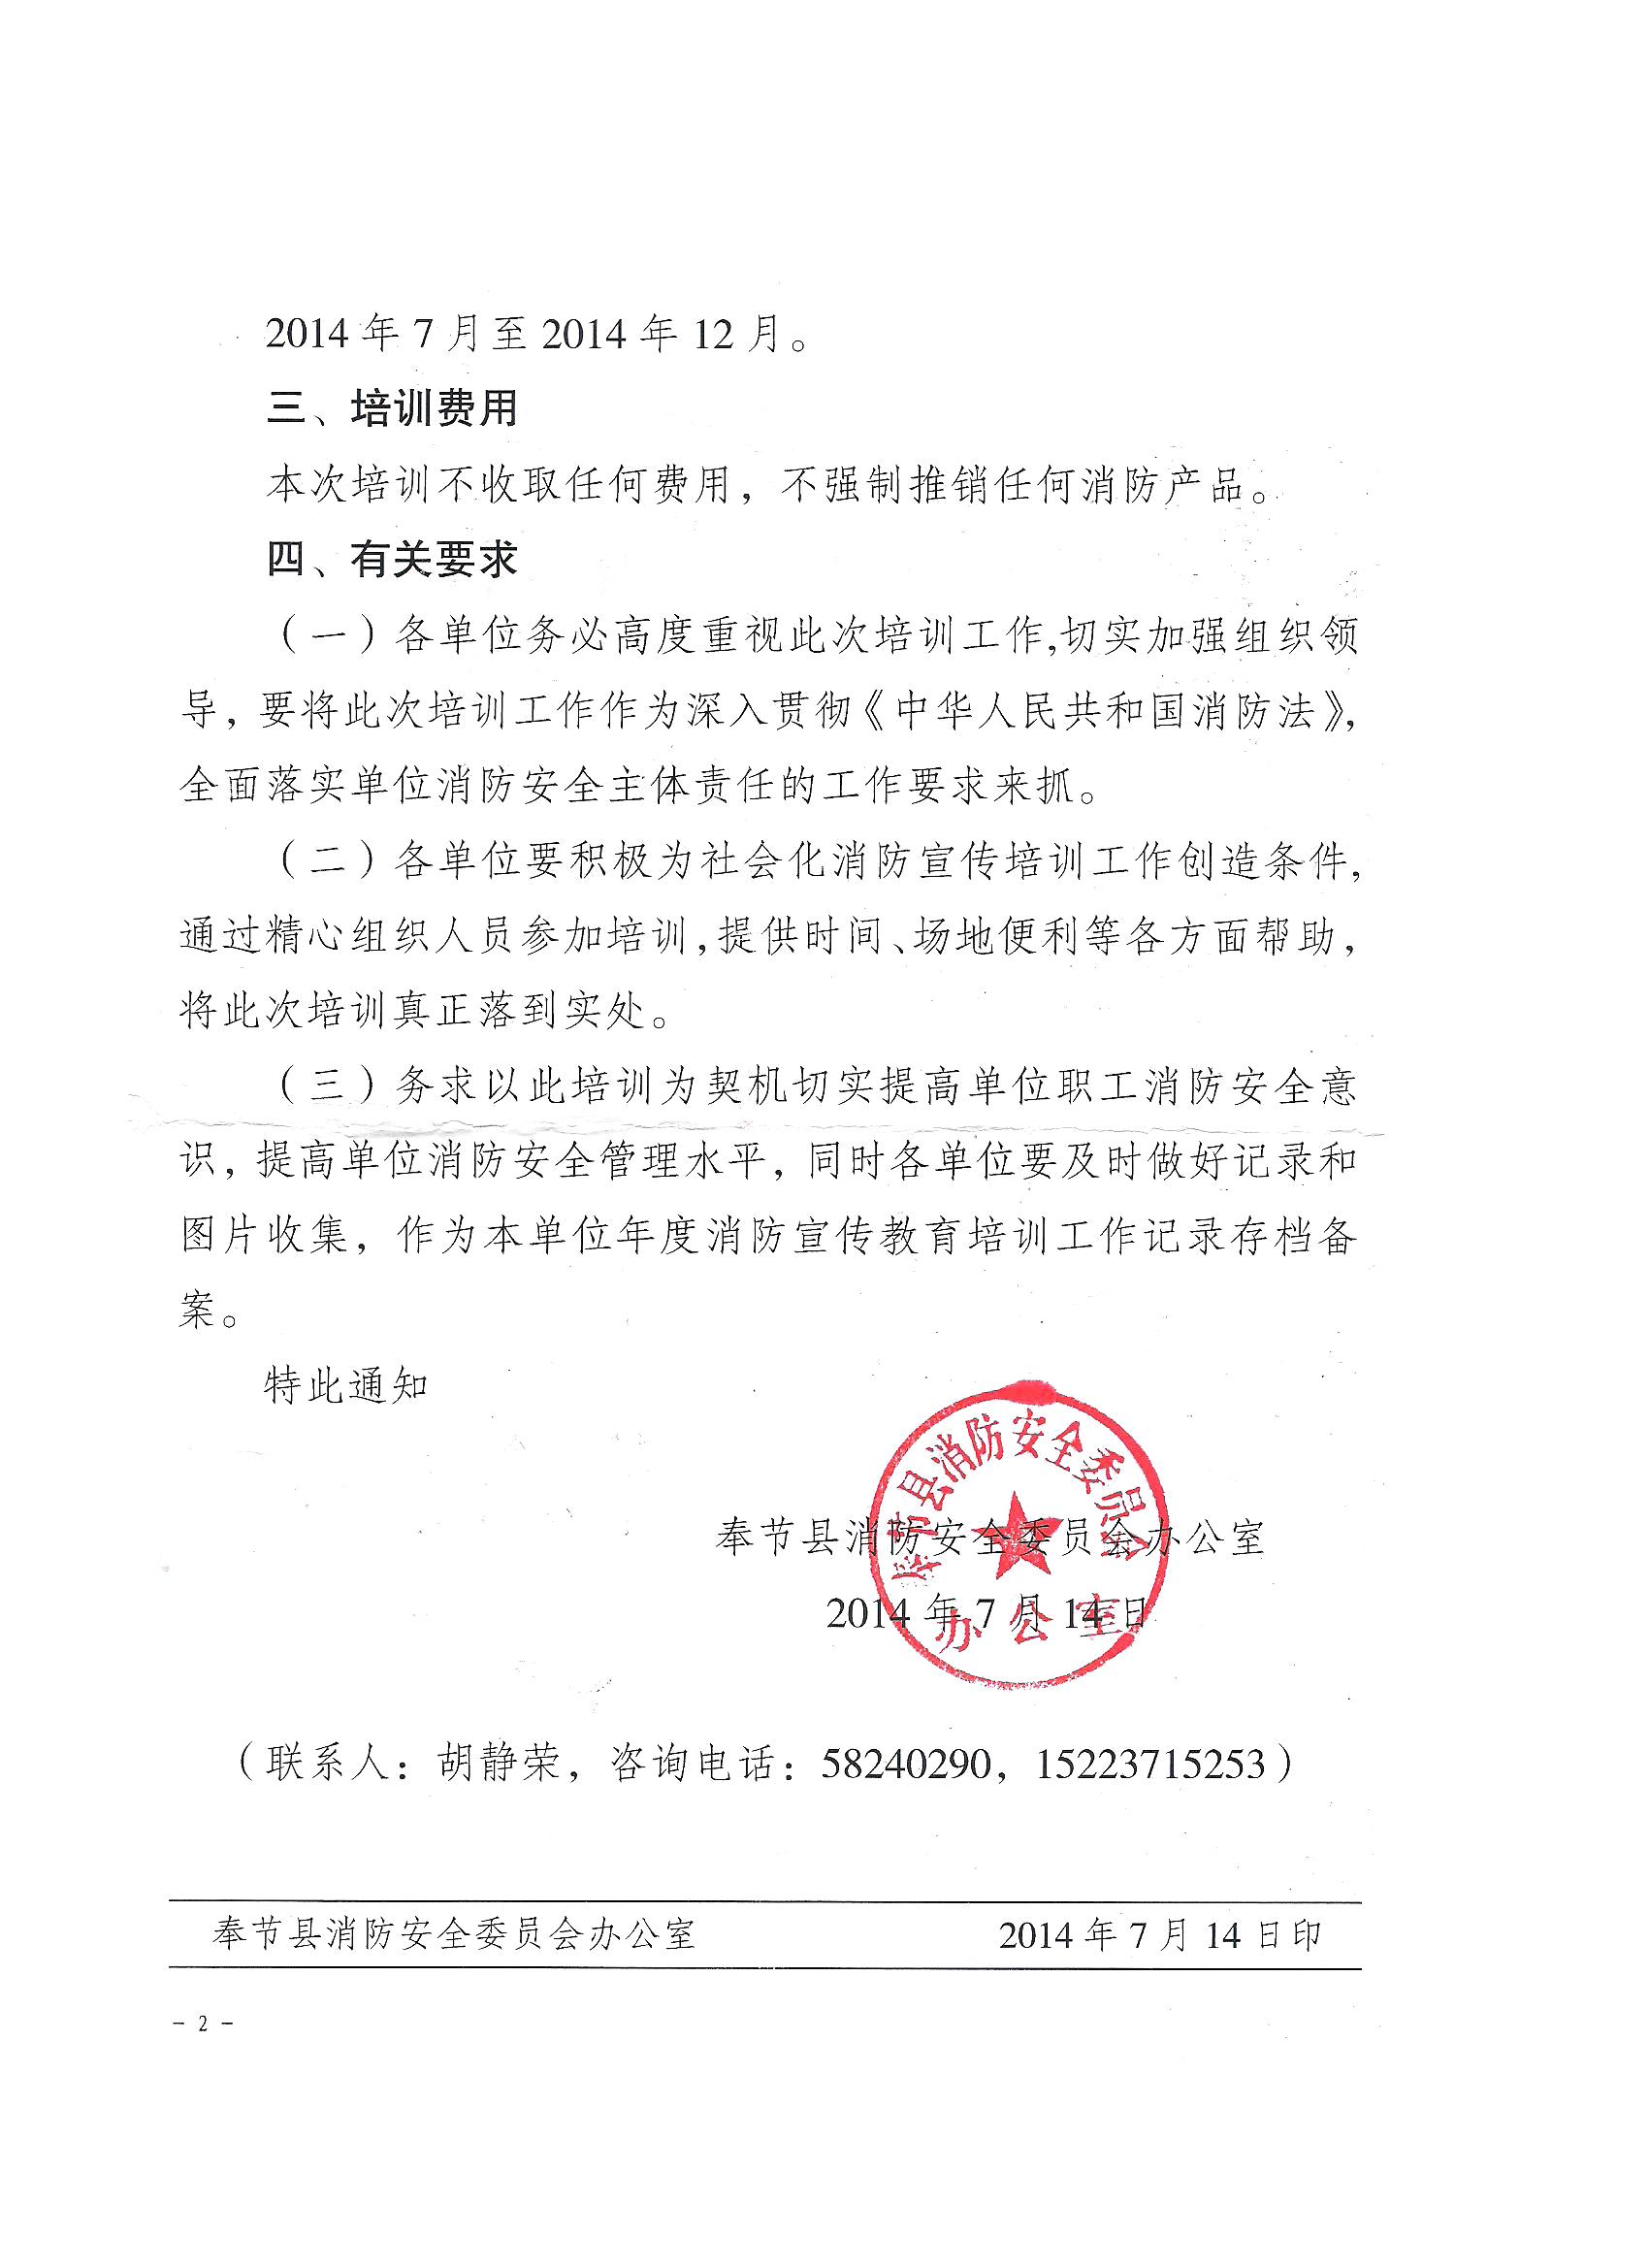 奉节县消防安全委员会